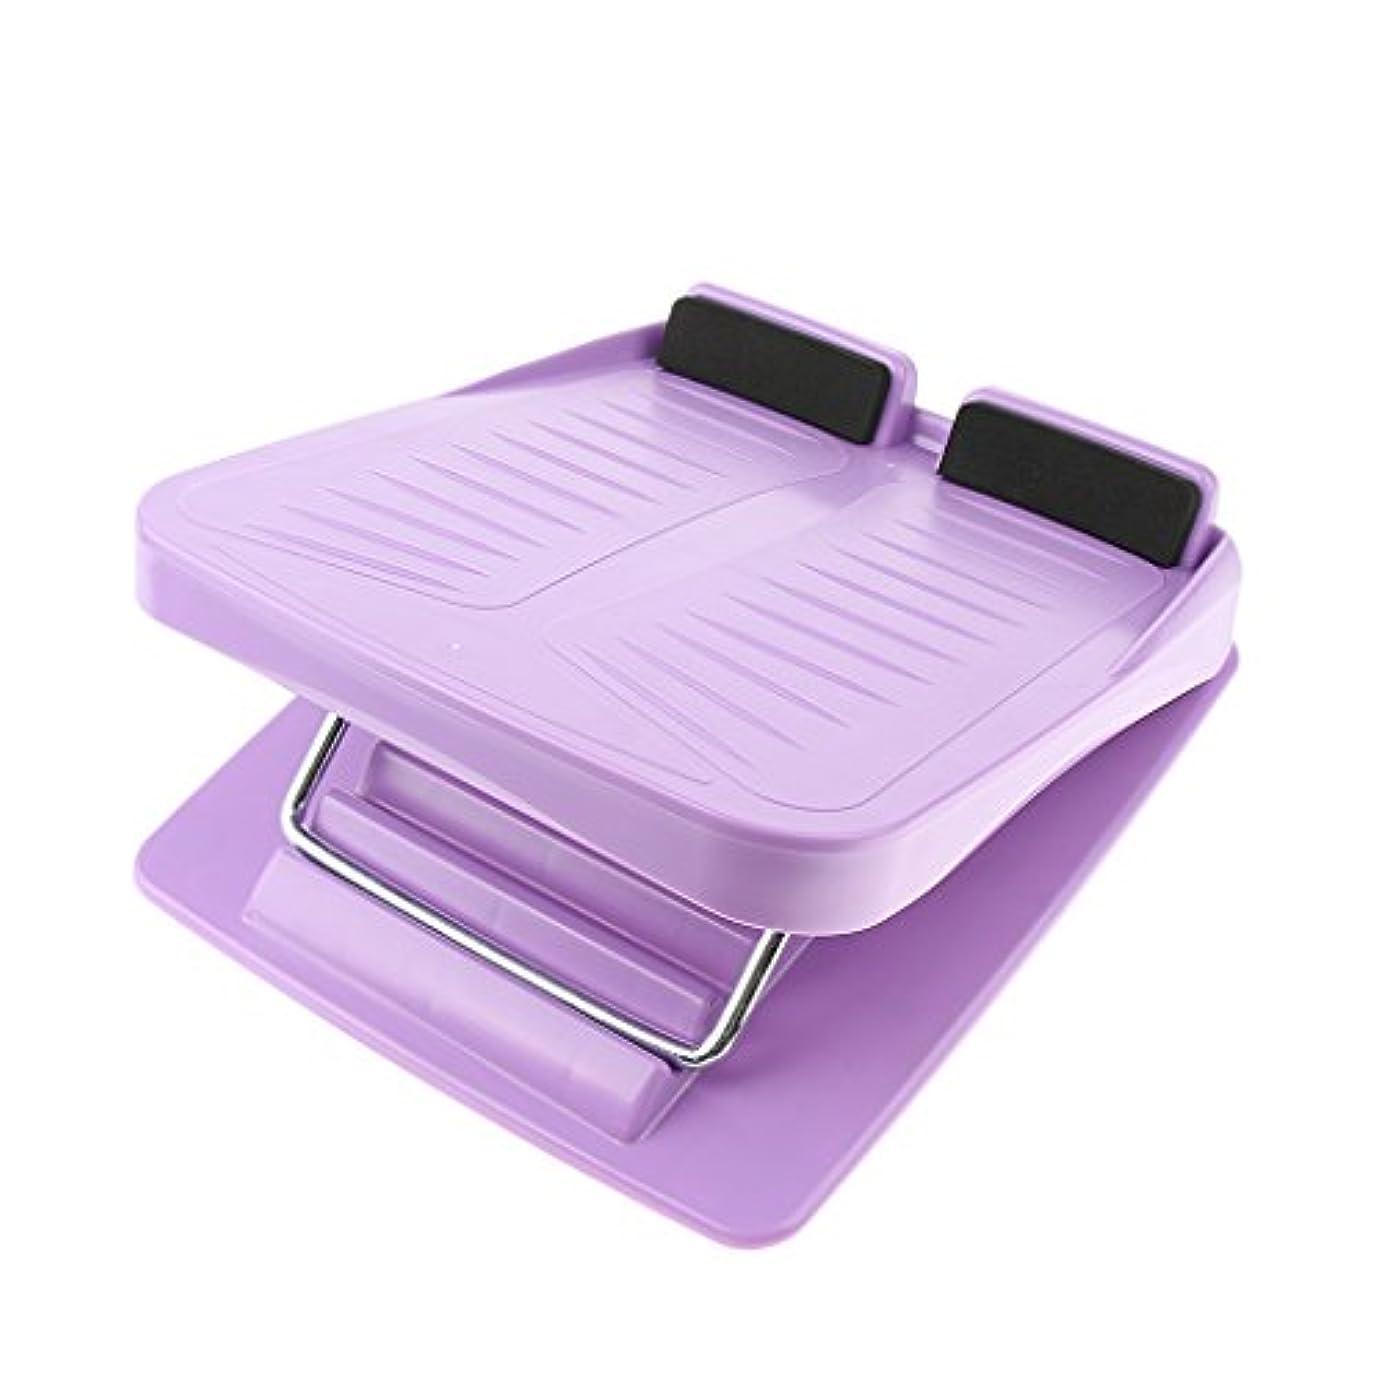 リル盆同志3色 スラントボード アンチスリップ 調整可能 カーフストレッチ 斜面ボード ウェッジストレッチャー - 紫の